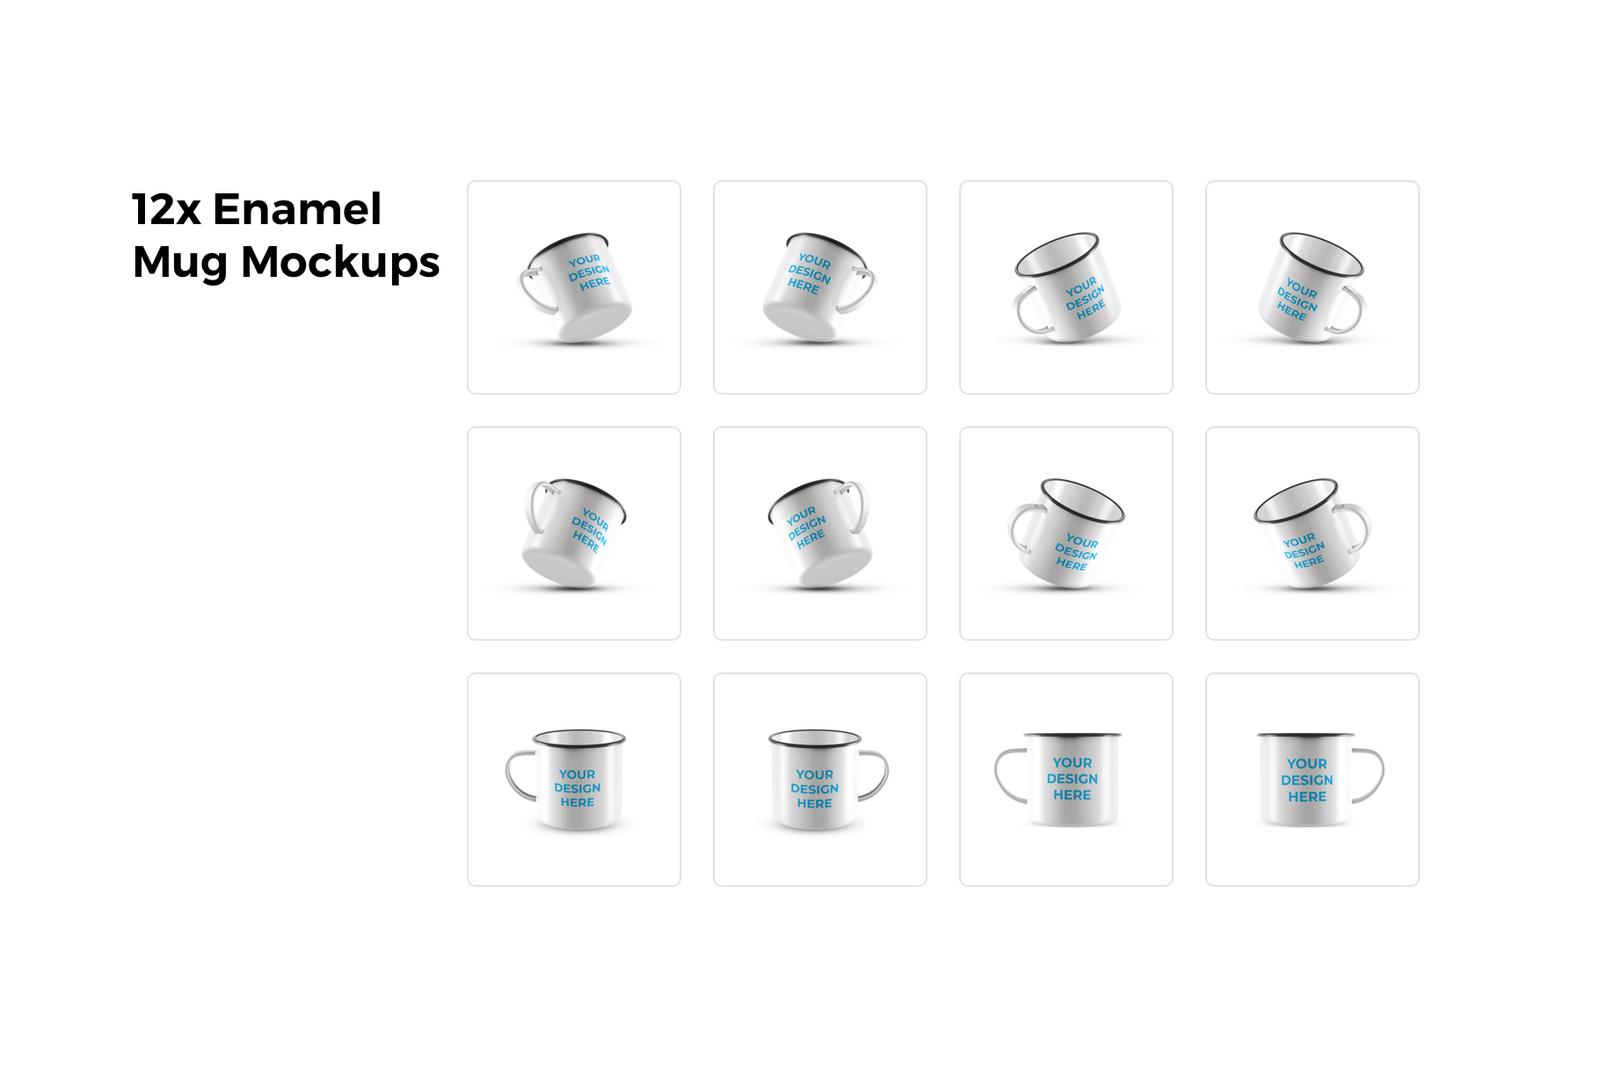 12x Enamel Mug Mockups